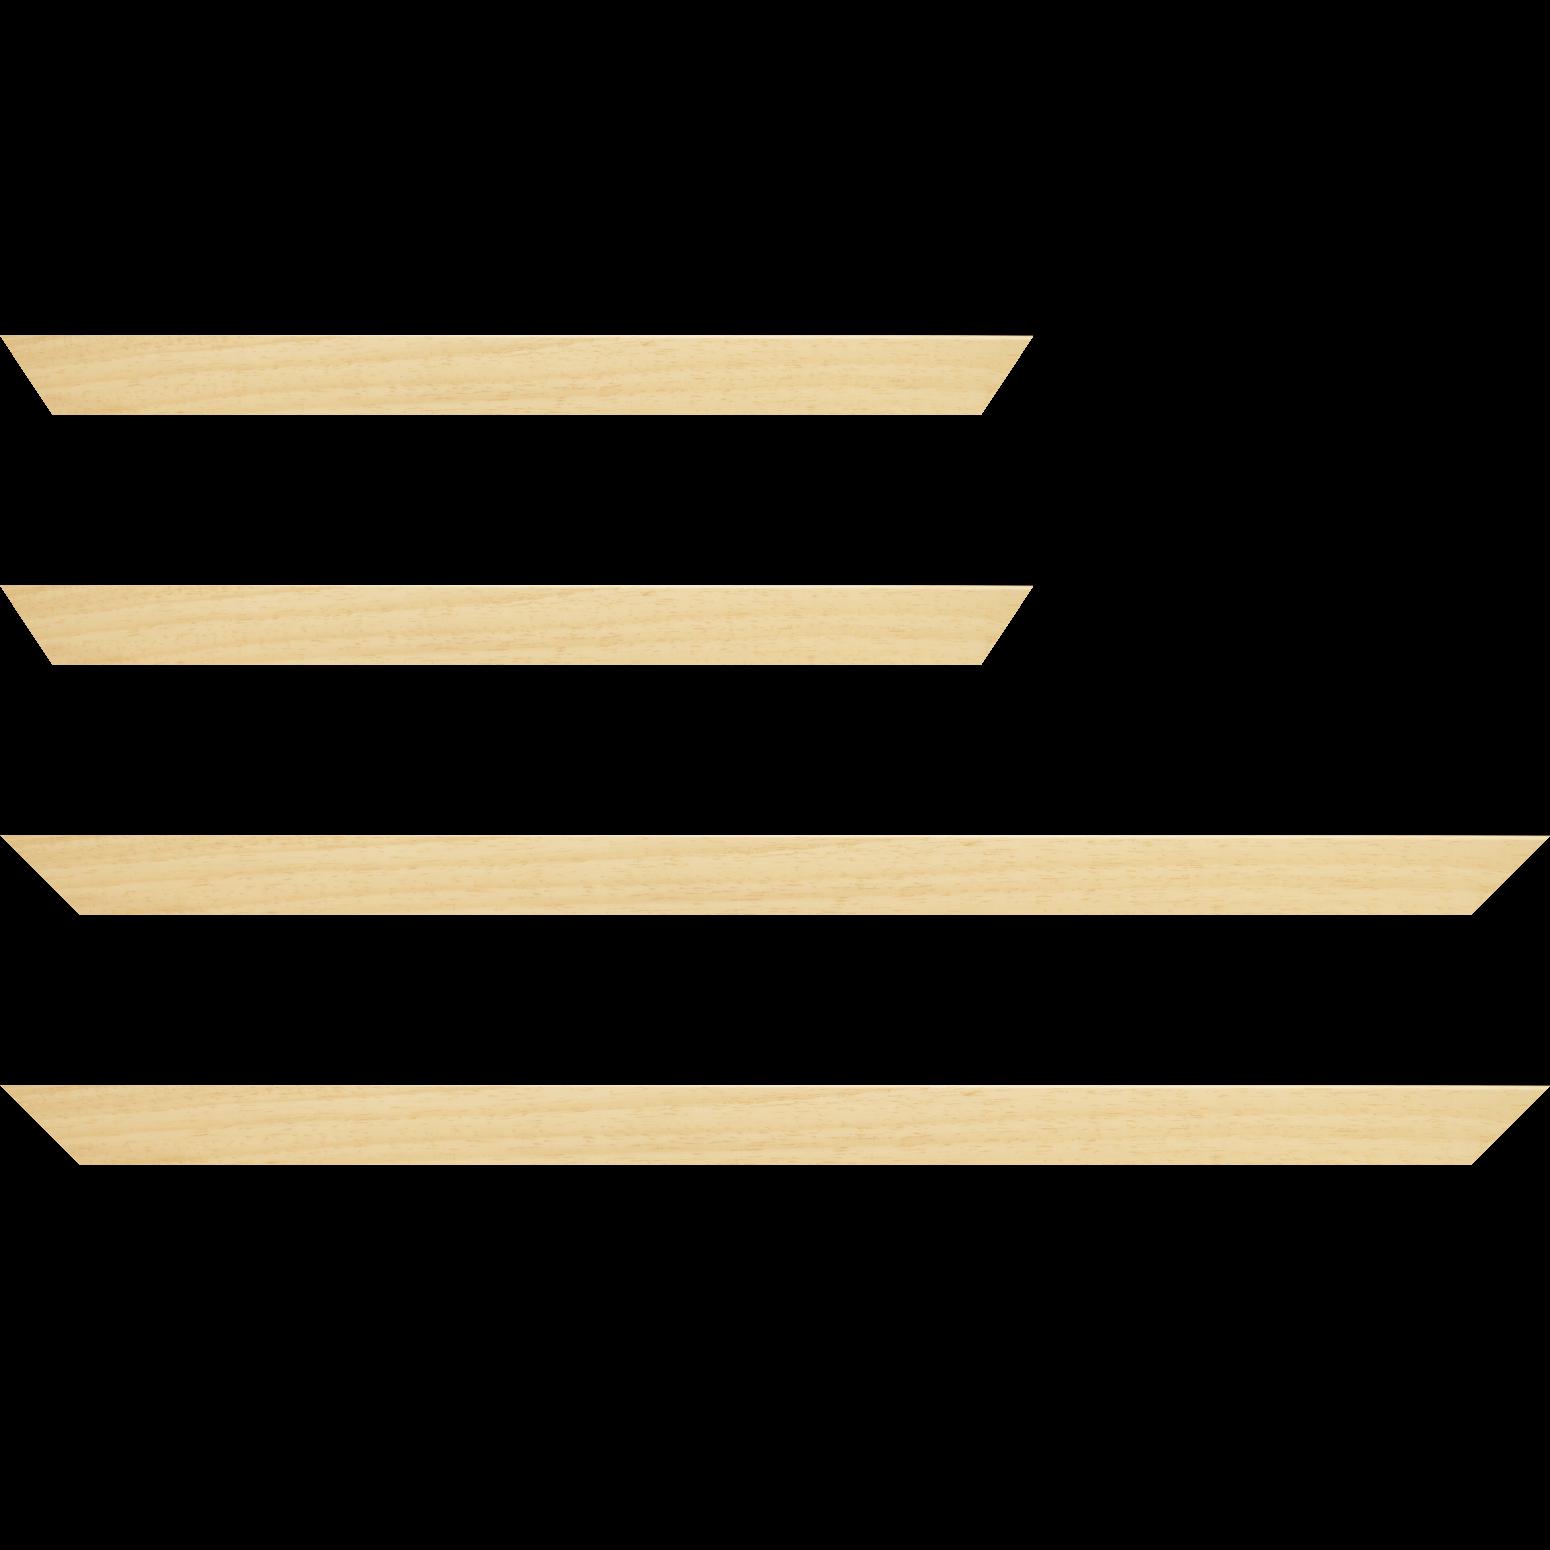 Baguette service précoupé bois profil plat largeur 2.5cm couleur naturel satiné